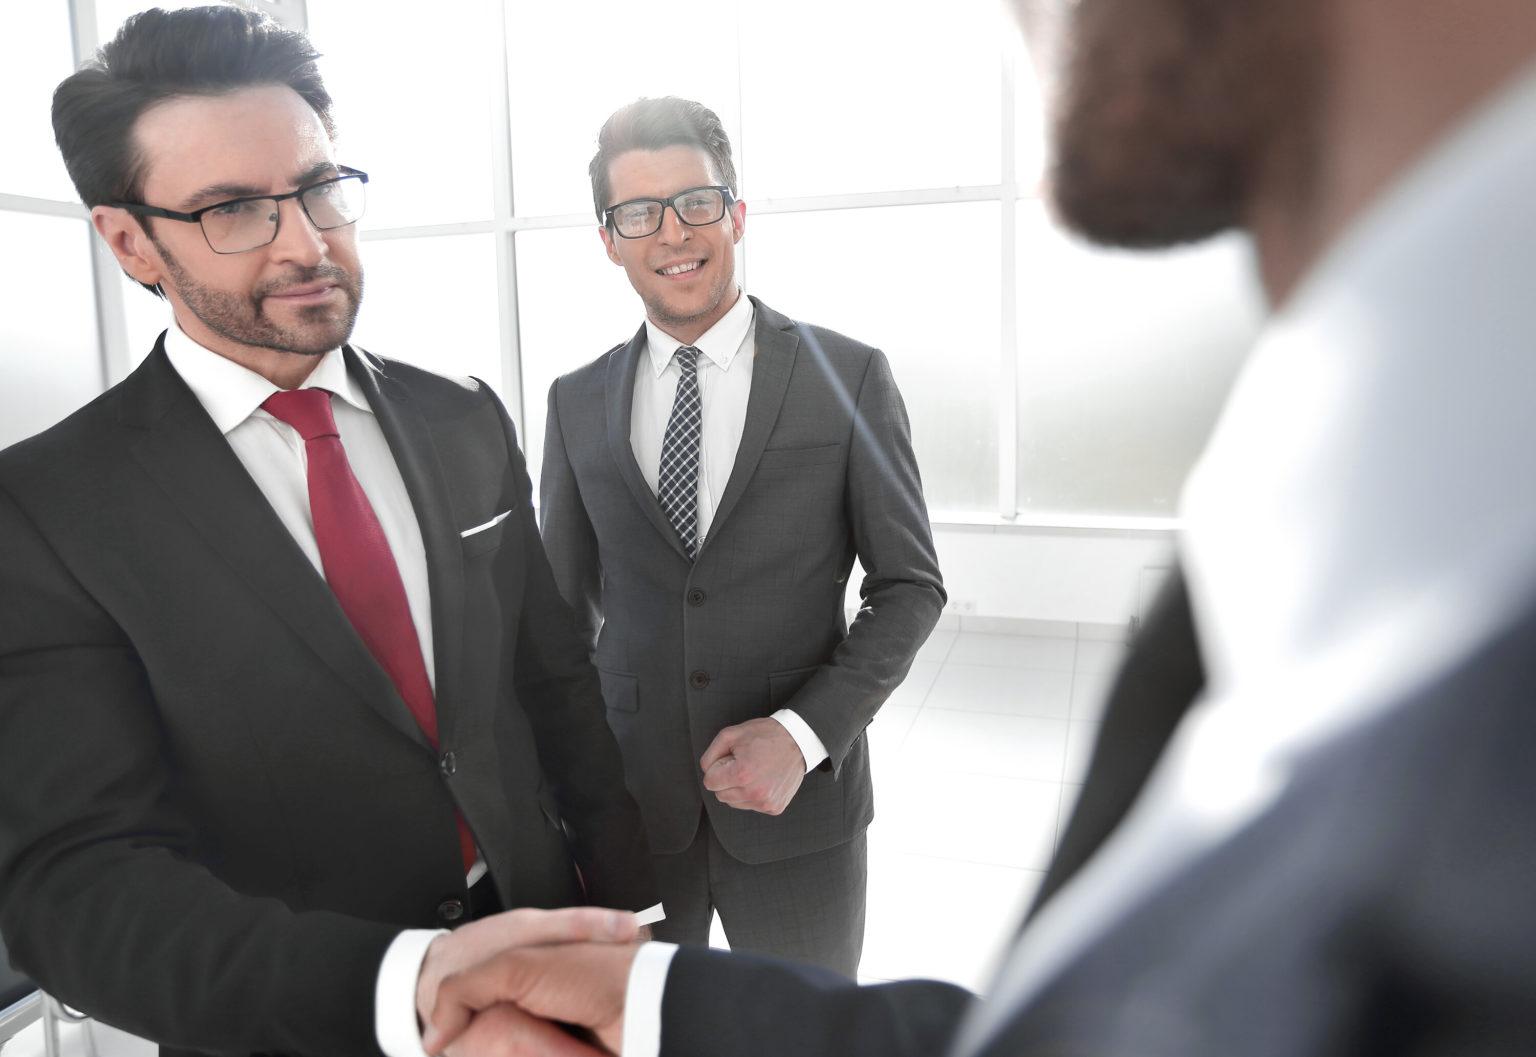 onderhandelingsmandaat tijdens een onderhandeling